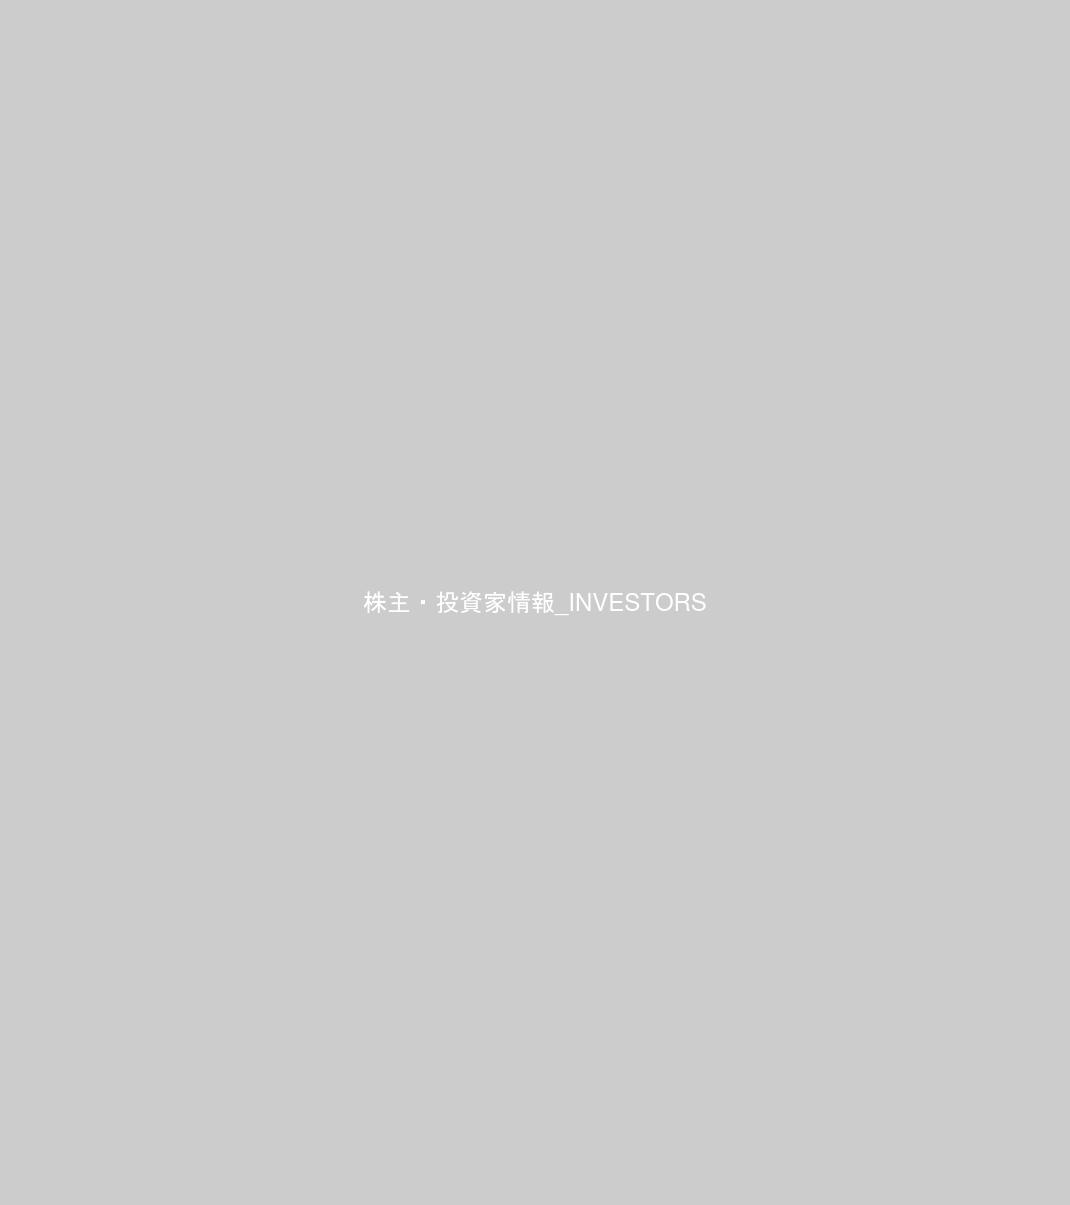 株主・投資家情報 INVESTORS